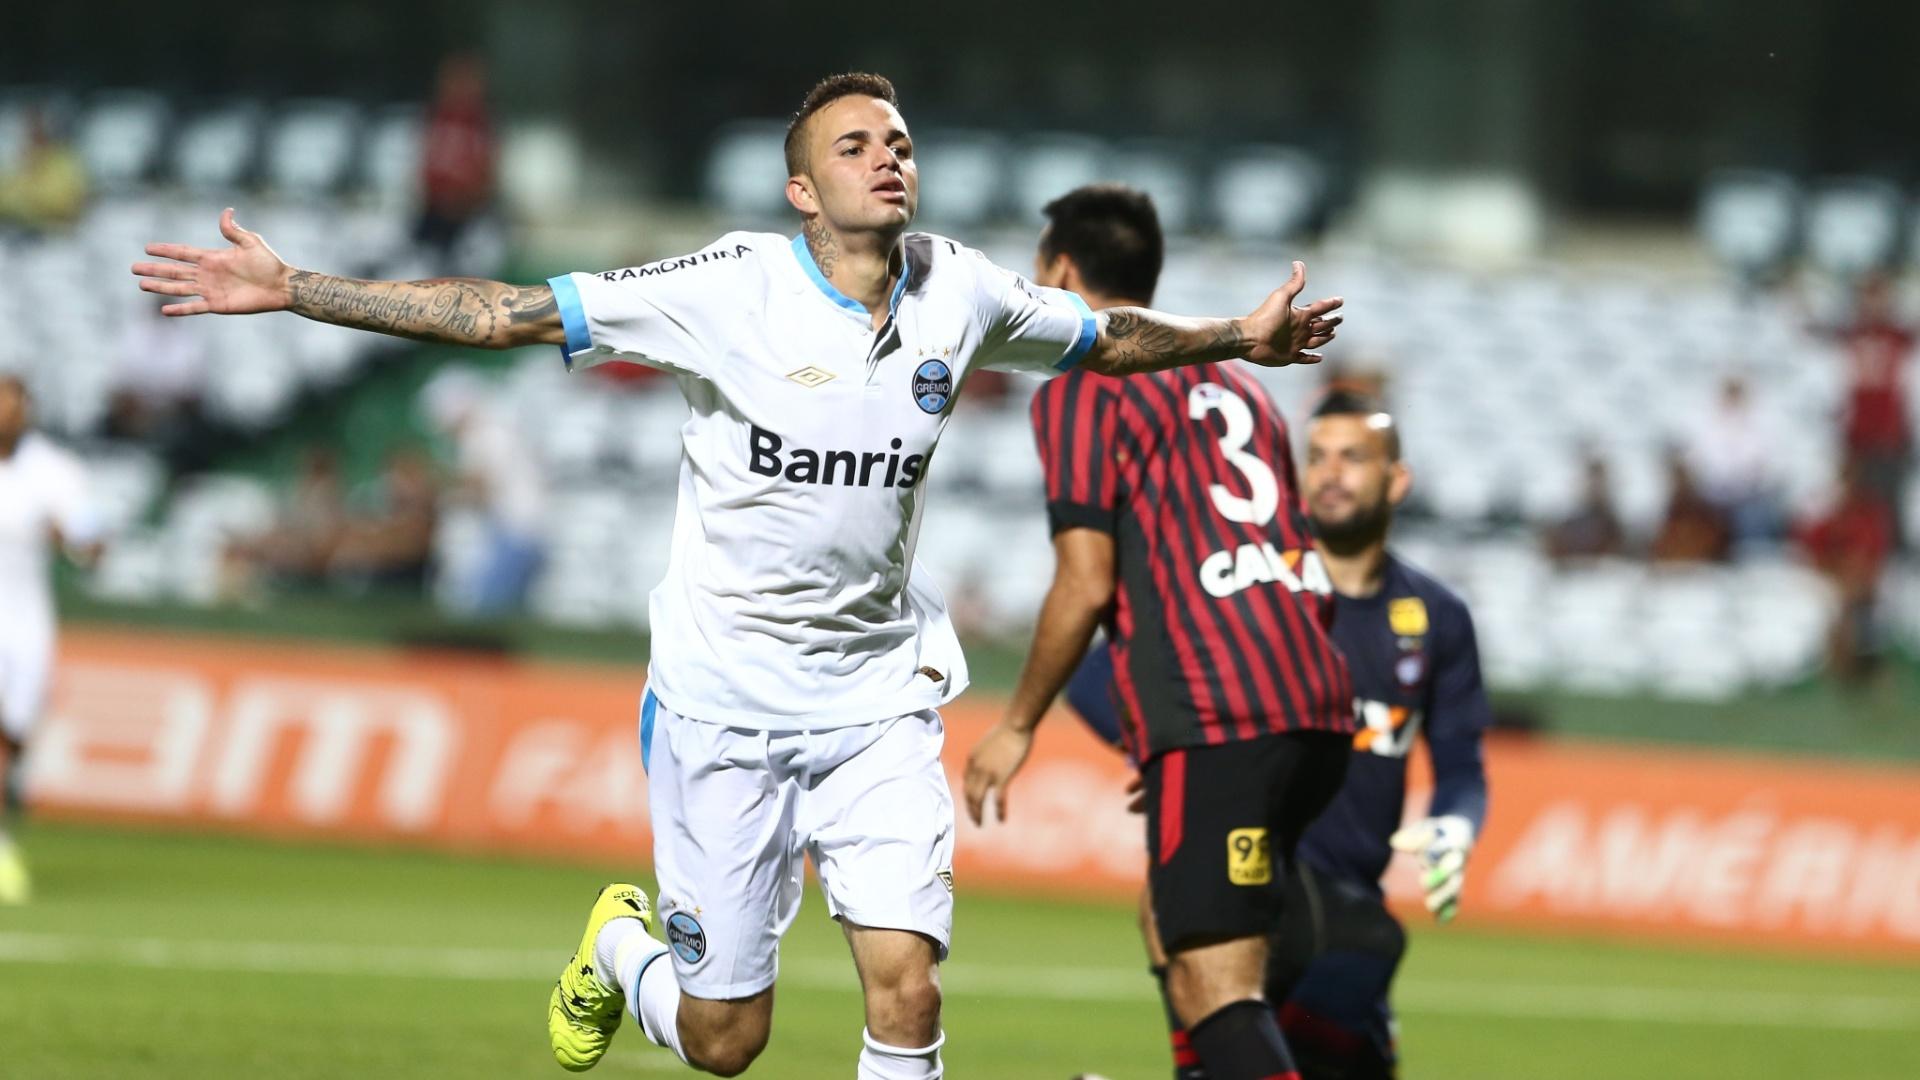 Luan marca o segundo gol do Grêmio contra o Atlético-PR, em confronto válido pelo Campeonato Brasileiro